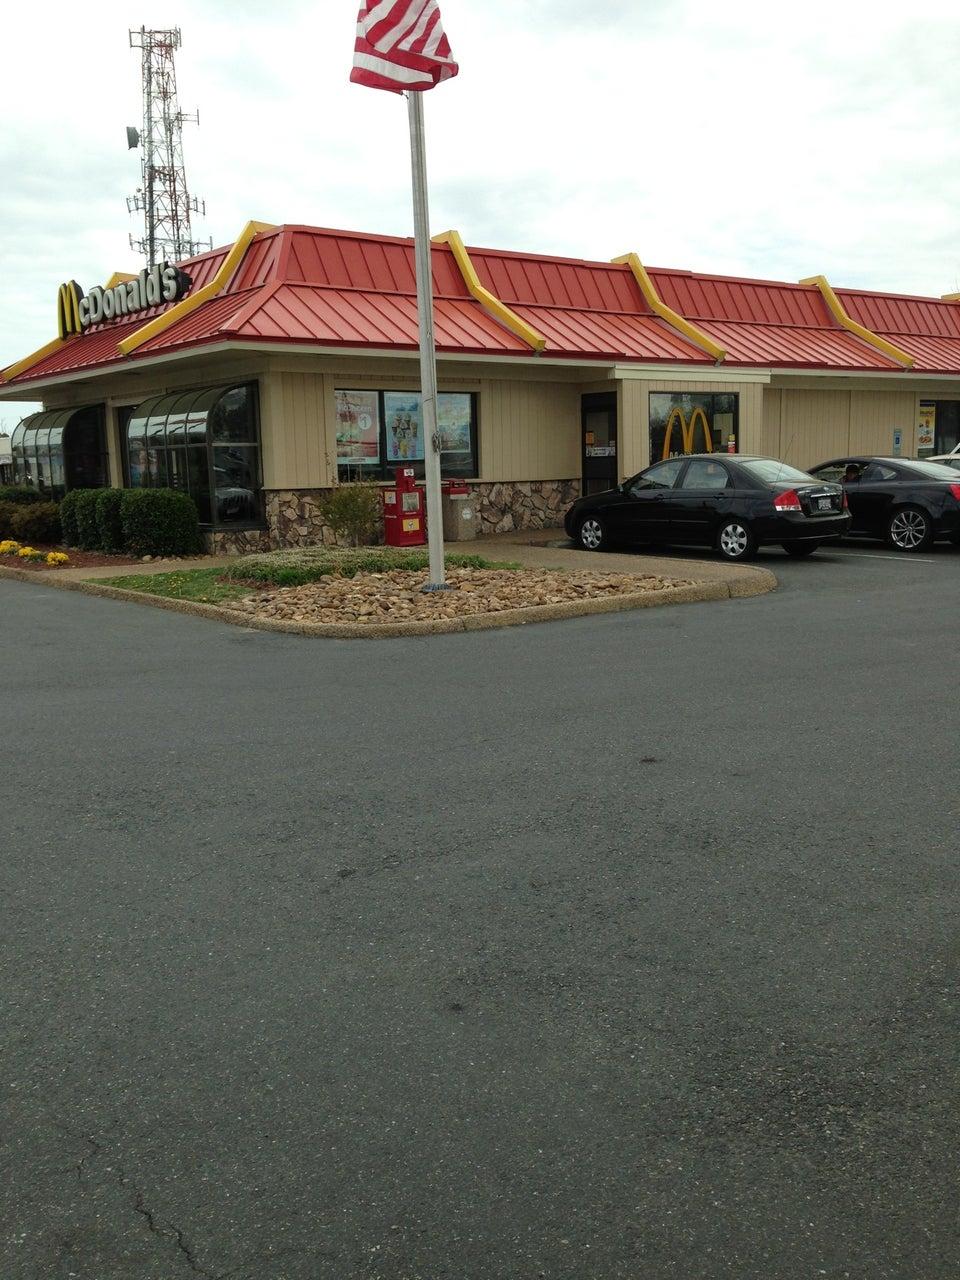 McDonald's Chesapeake